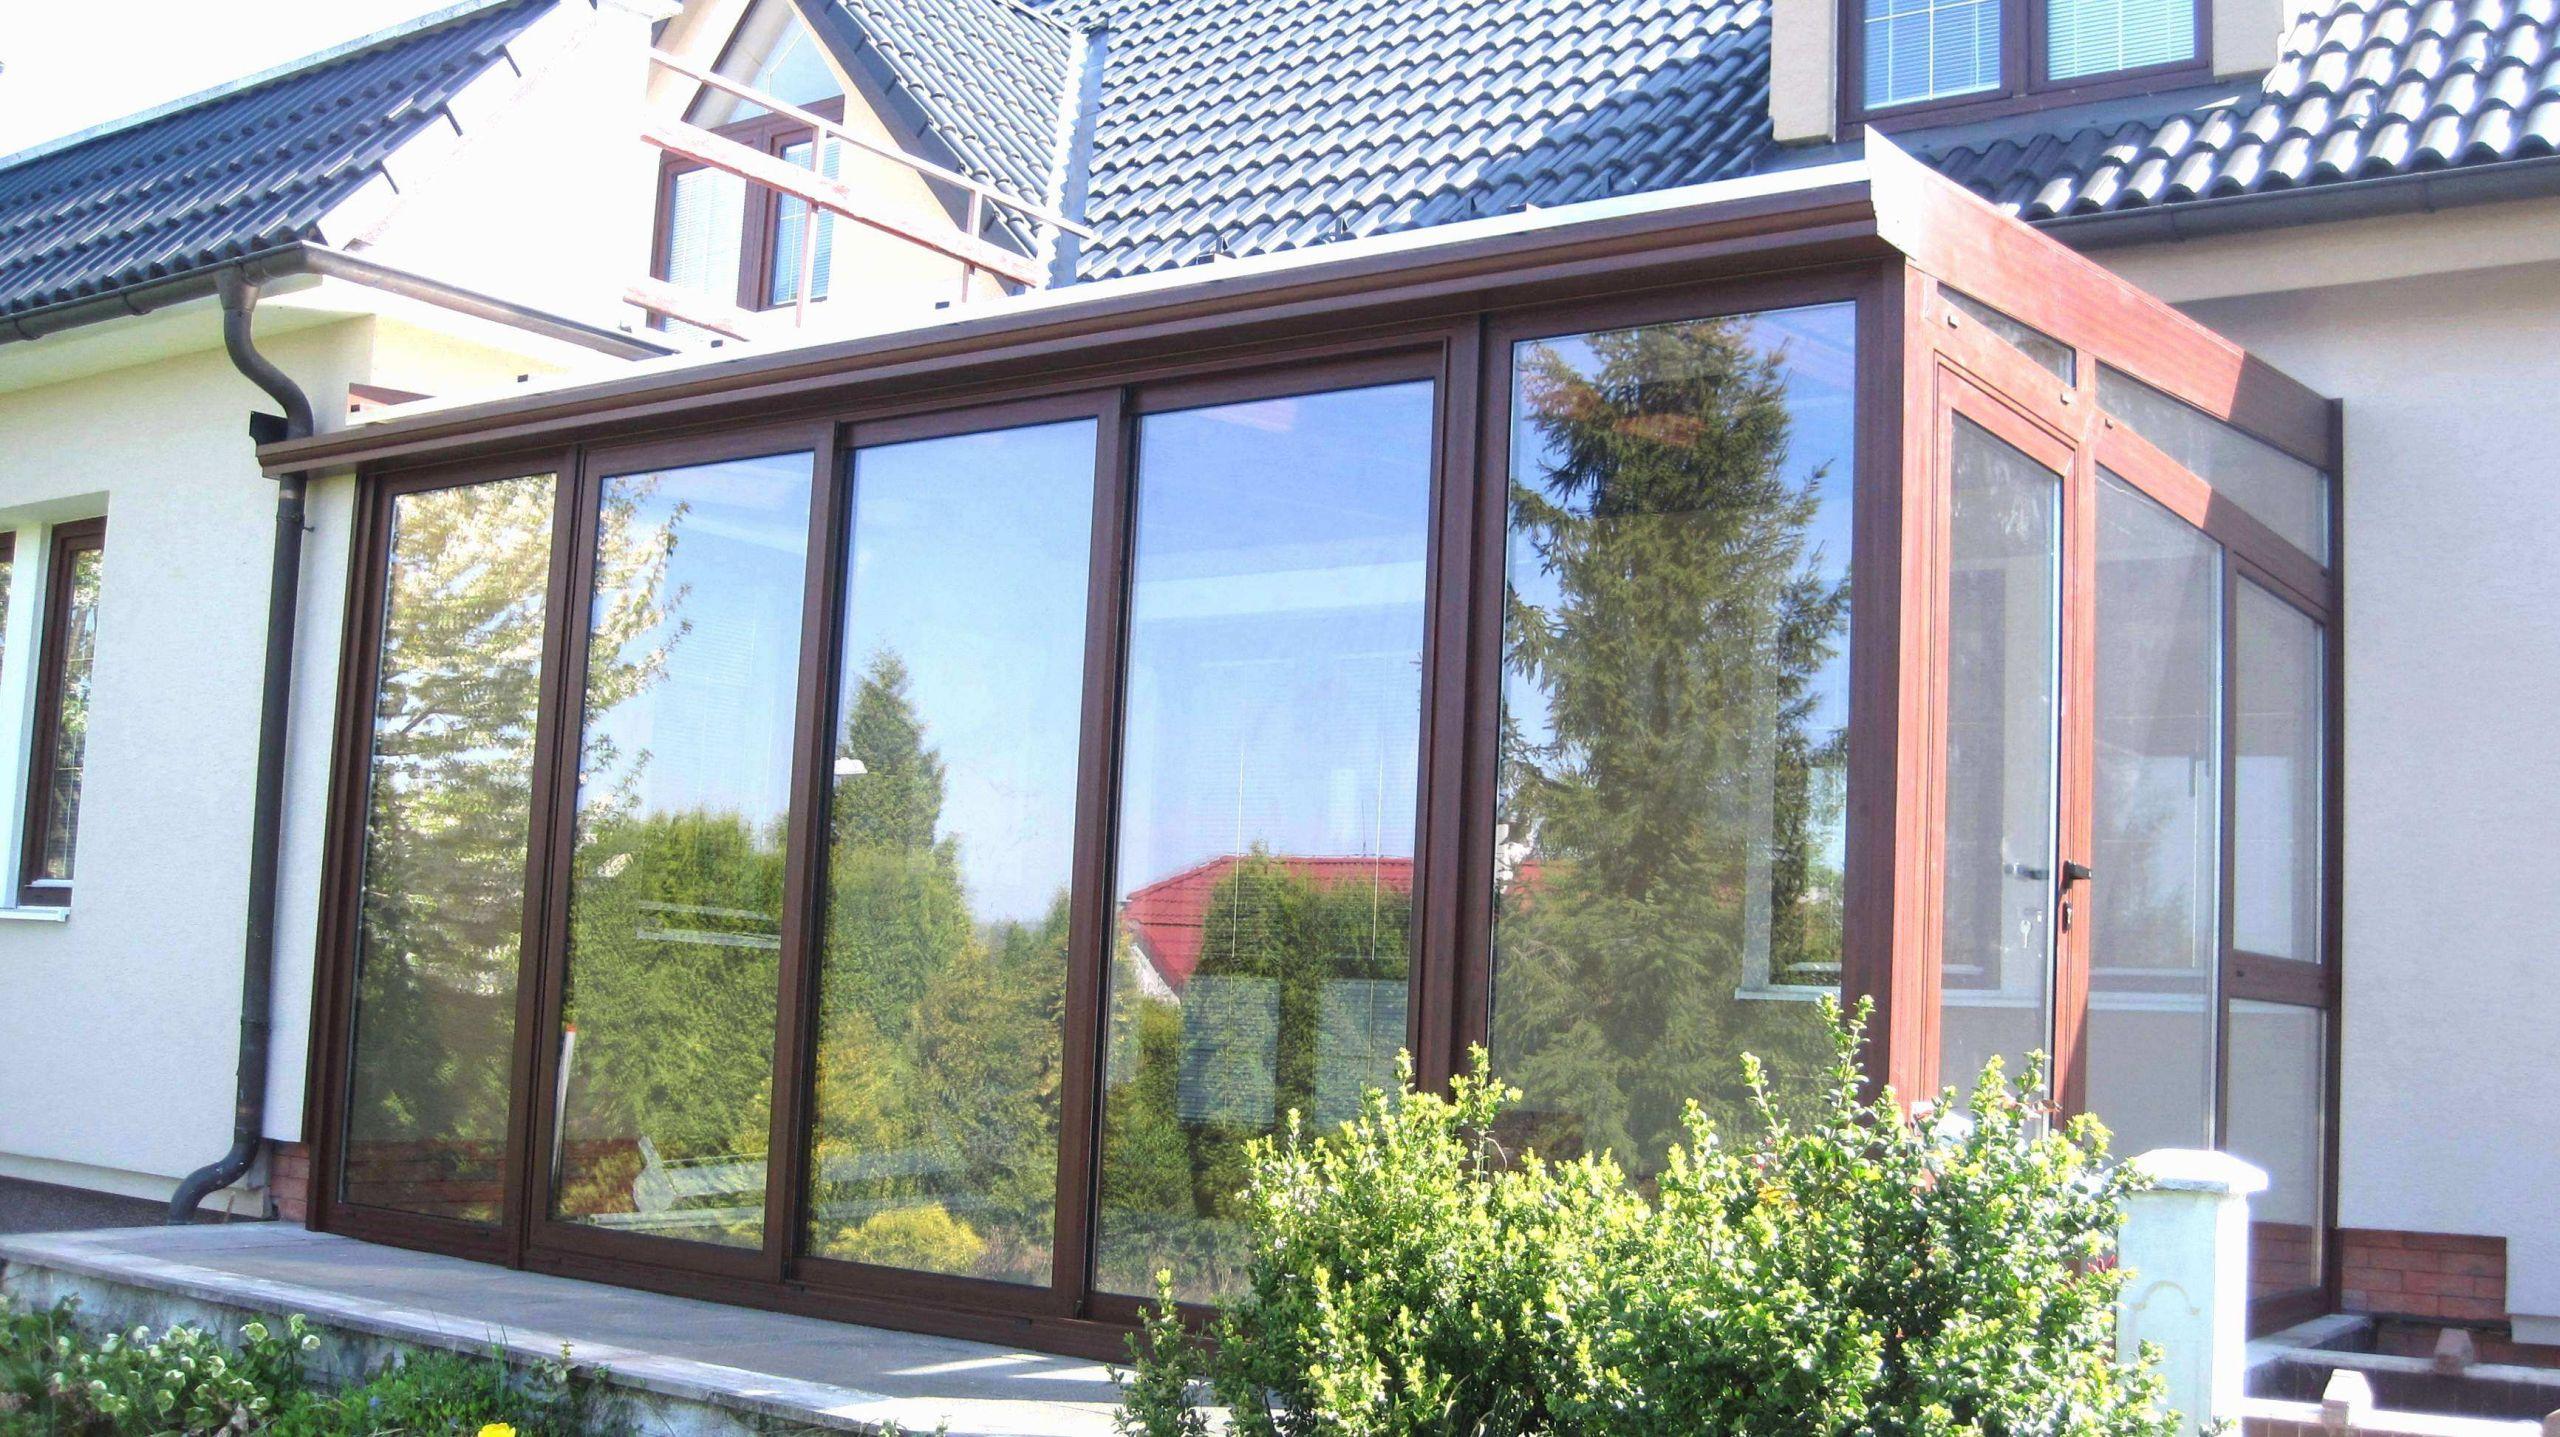 Garten Deko Holz Schön Landhausstil Deko Holz Im Garten Schön Holz Wintergarten 0d